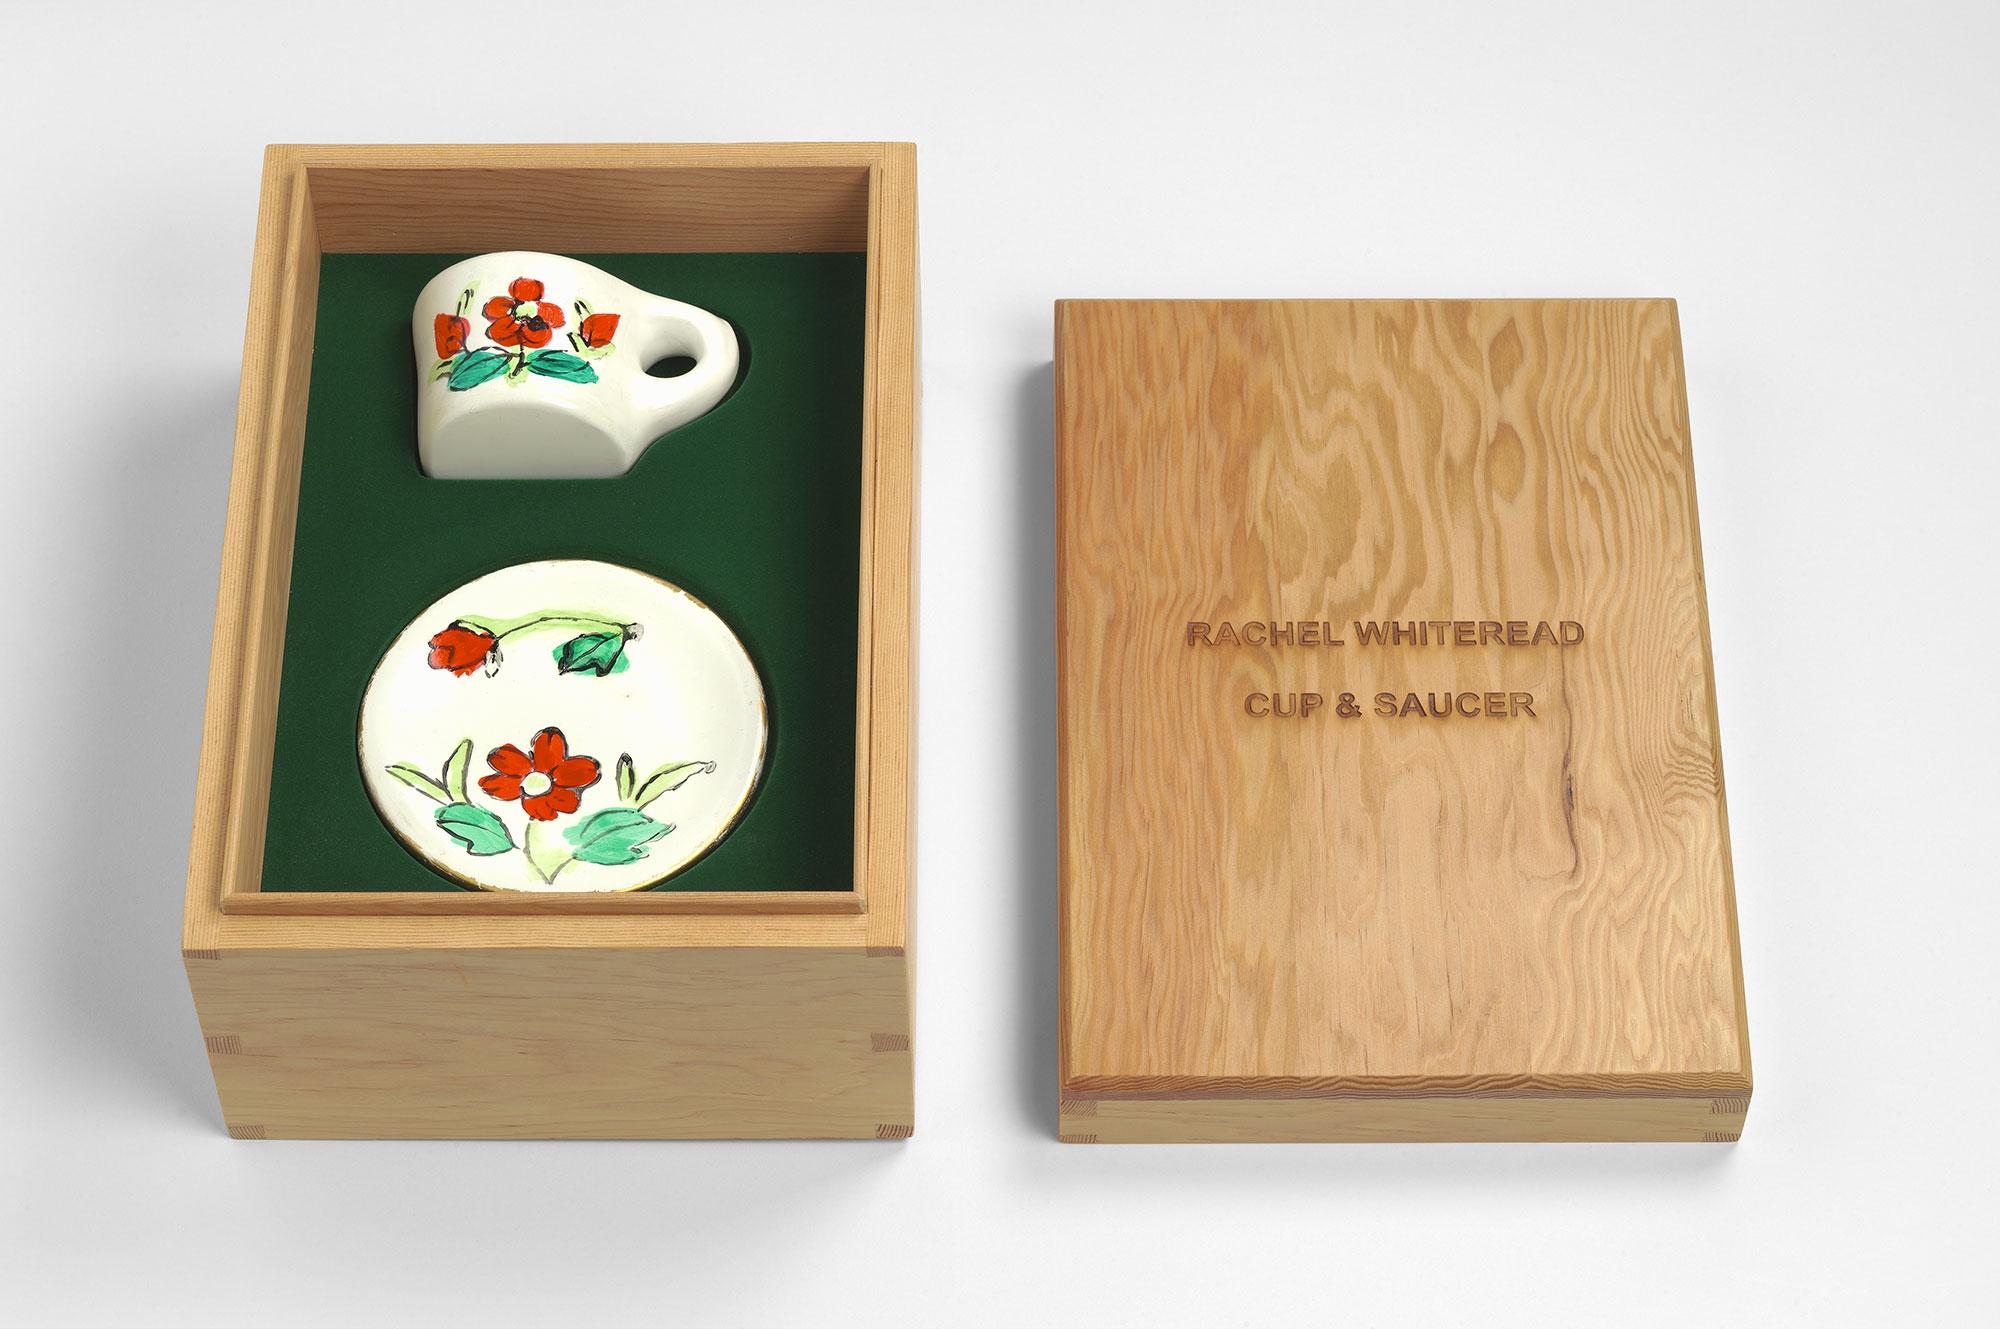 Rachel Whiteread  Cup & Saucer • 2008 Bronze esmaltado e madeira Edição: 25 17 x 23 x 33 cm